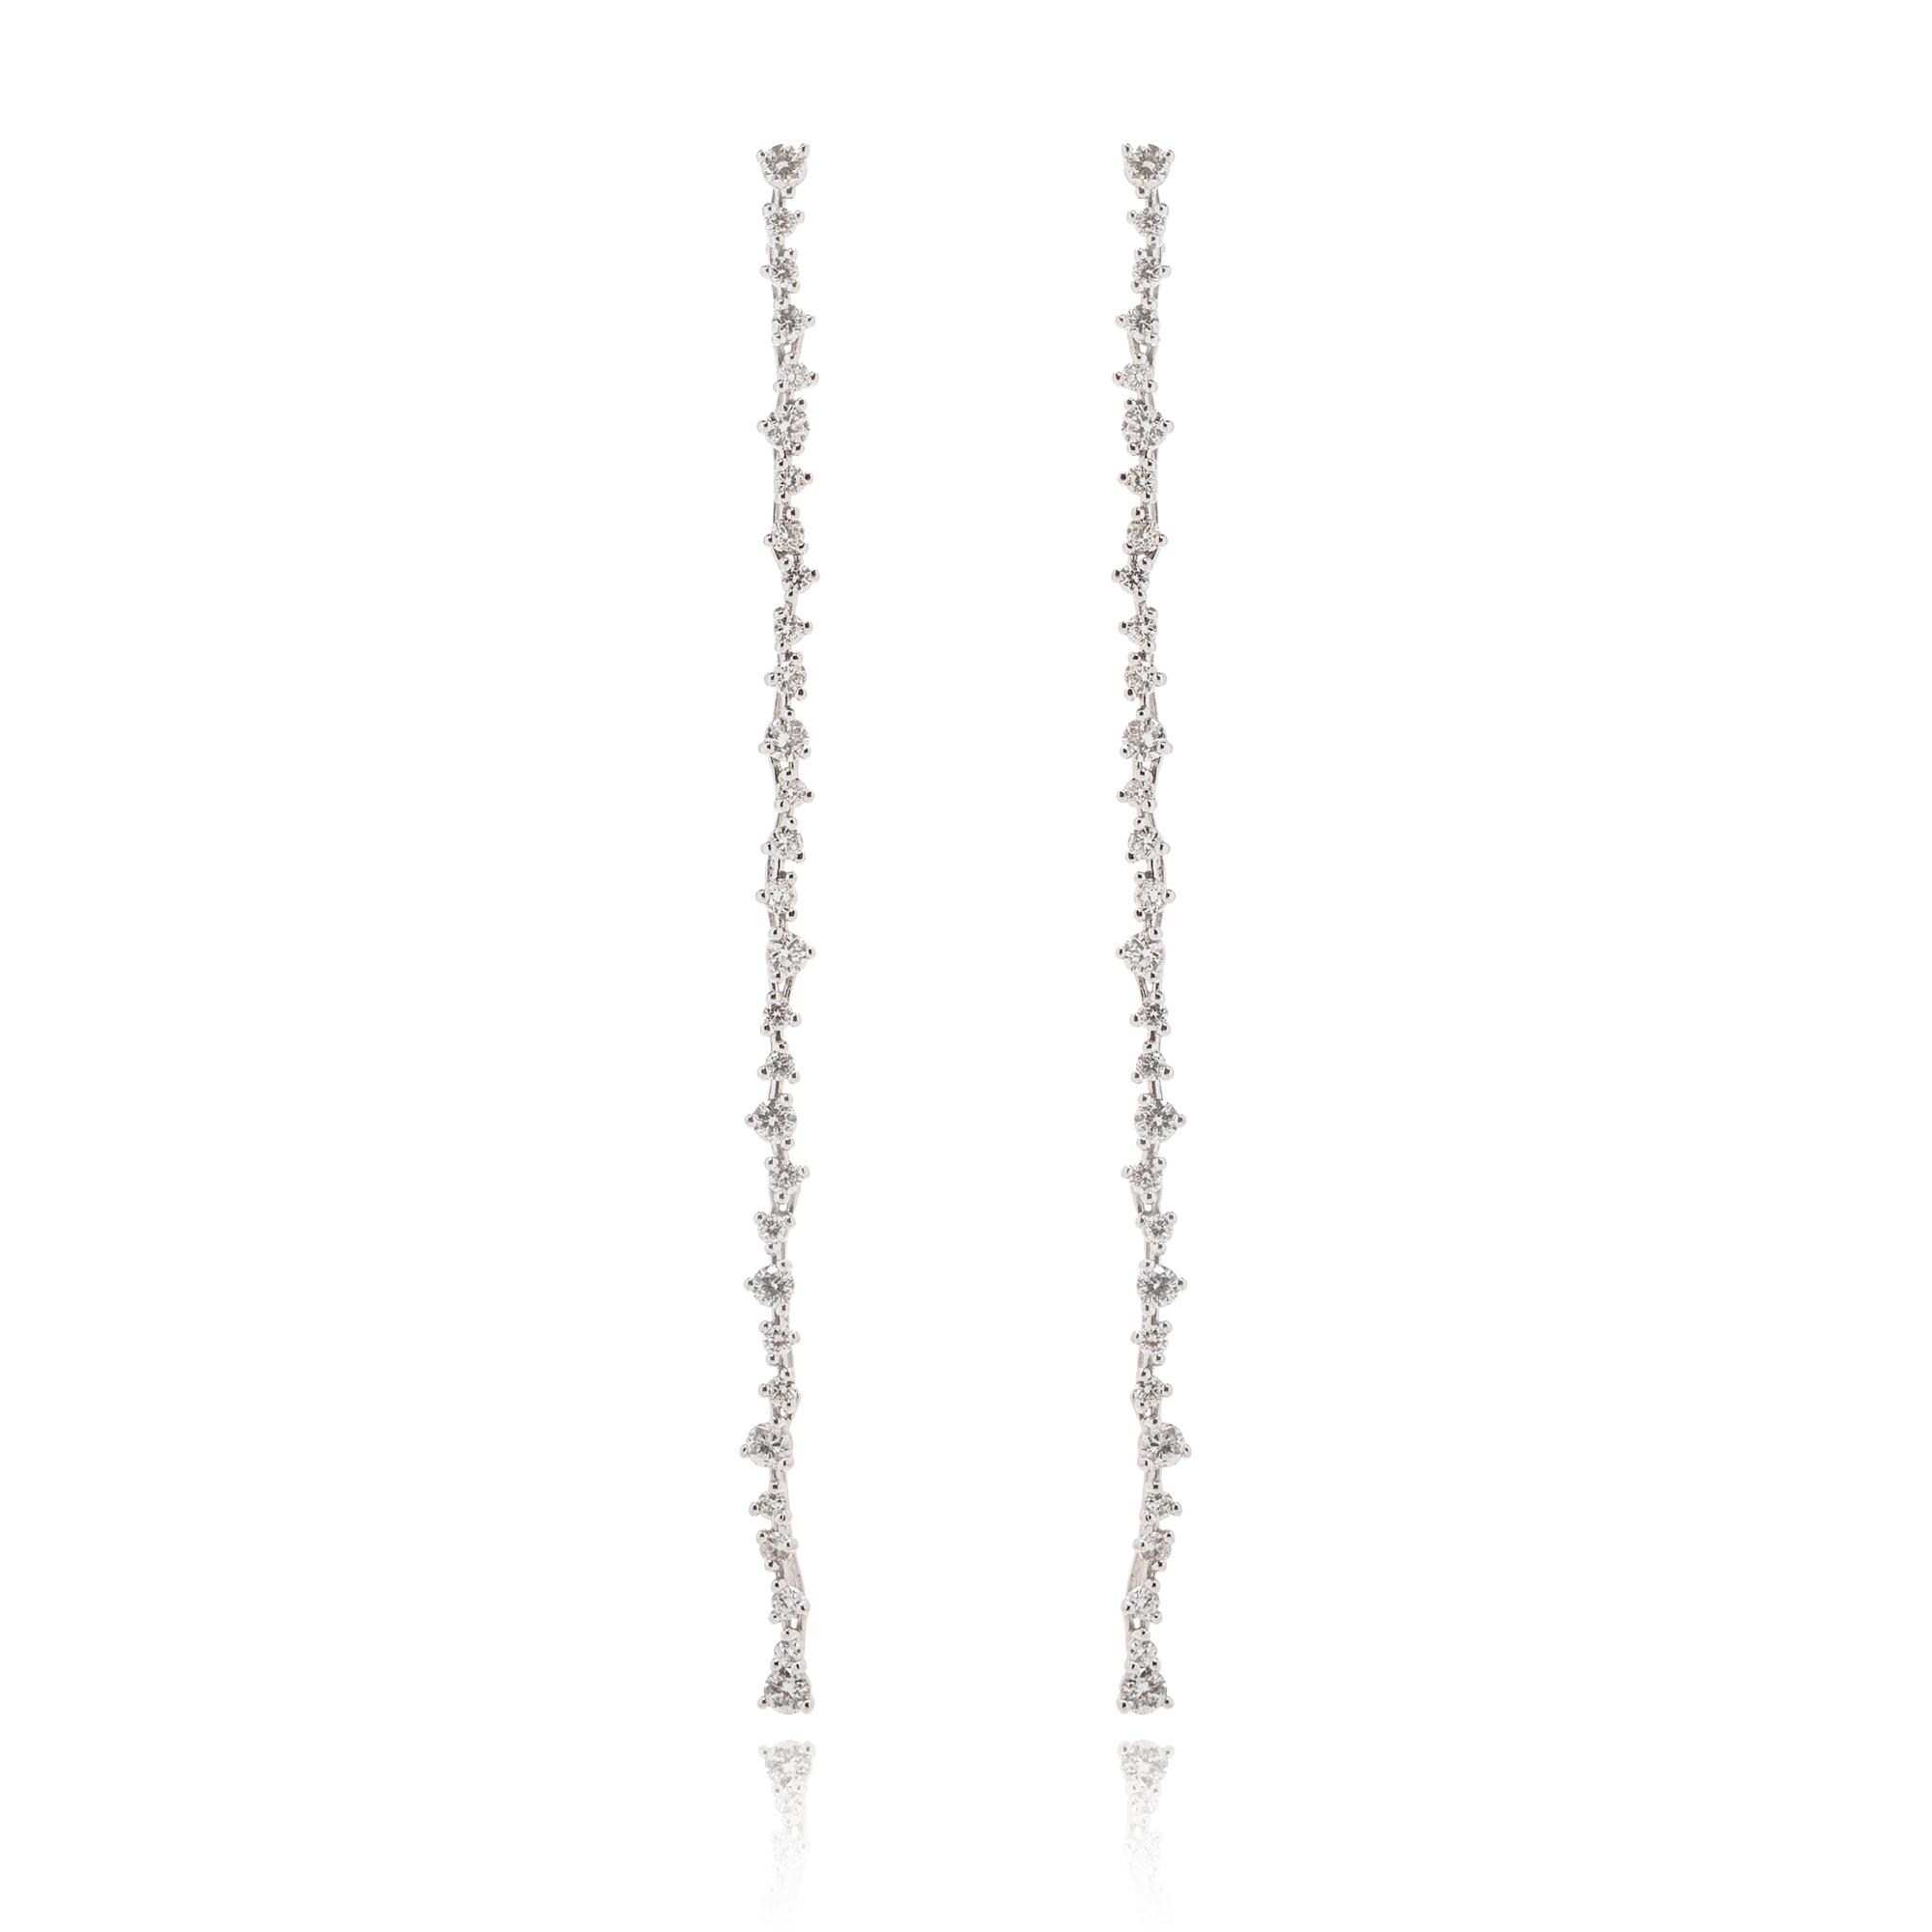 orecchini eden in oro bianco 18 carati con diamanti